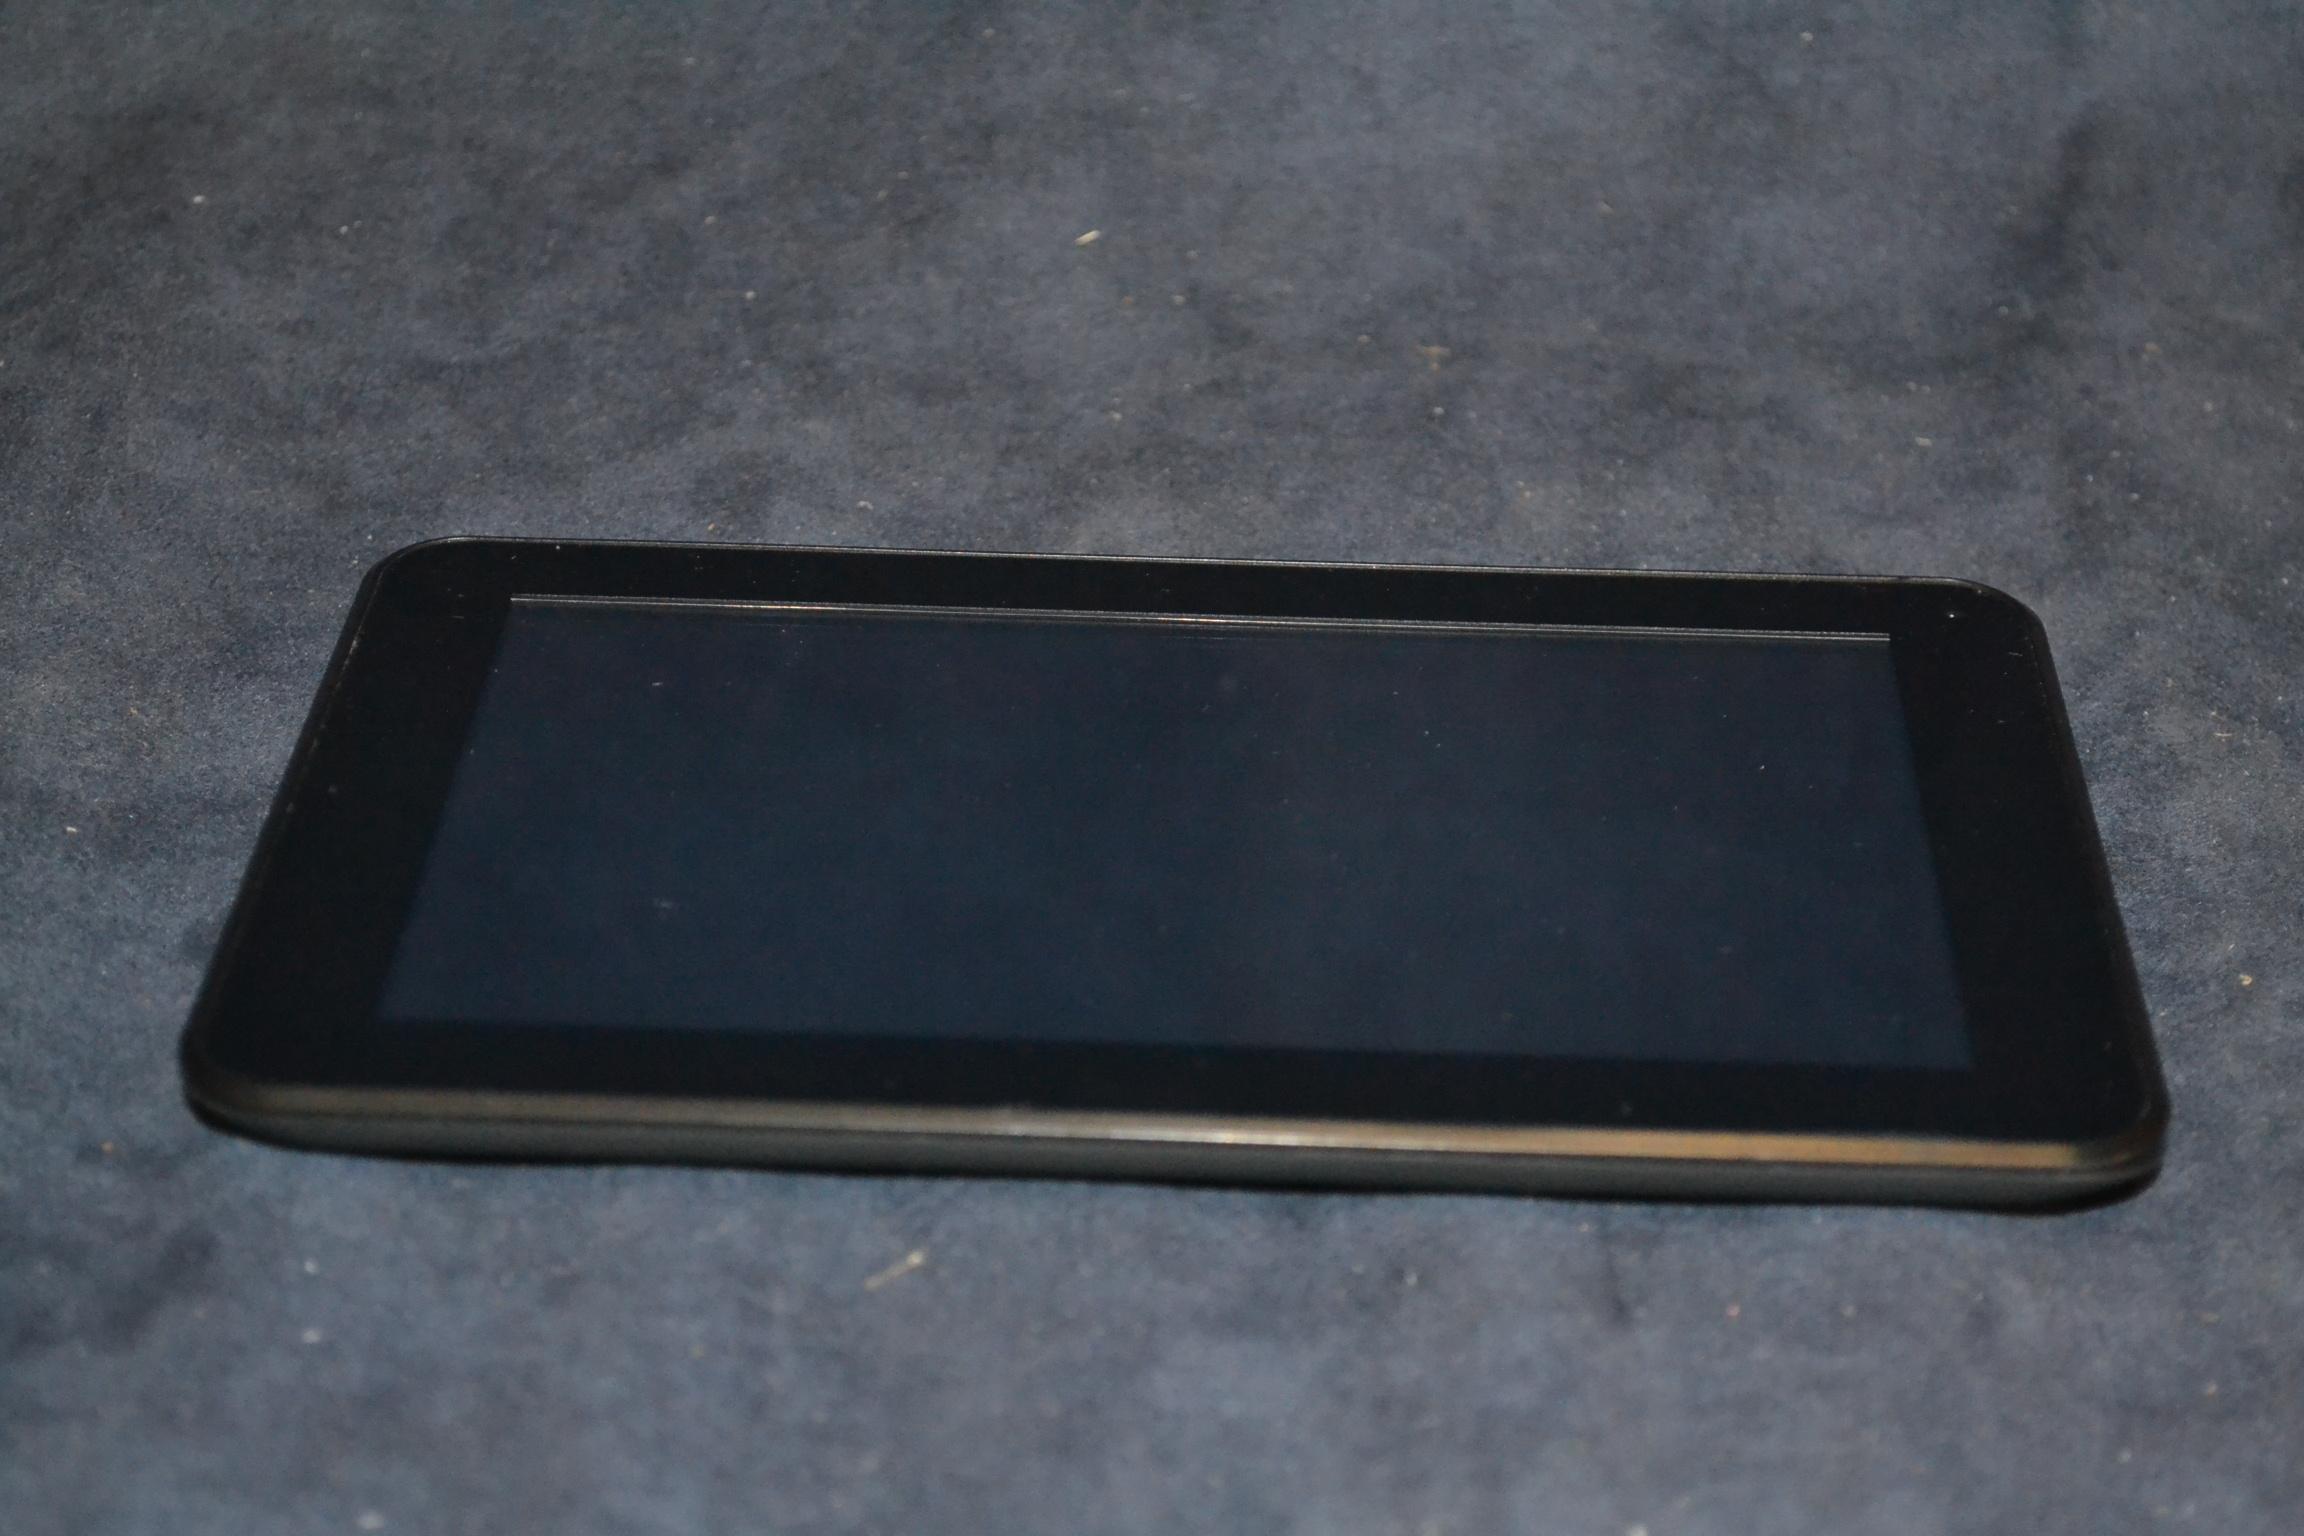 Azpen A727 7 Dual Core Tablet Black